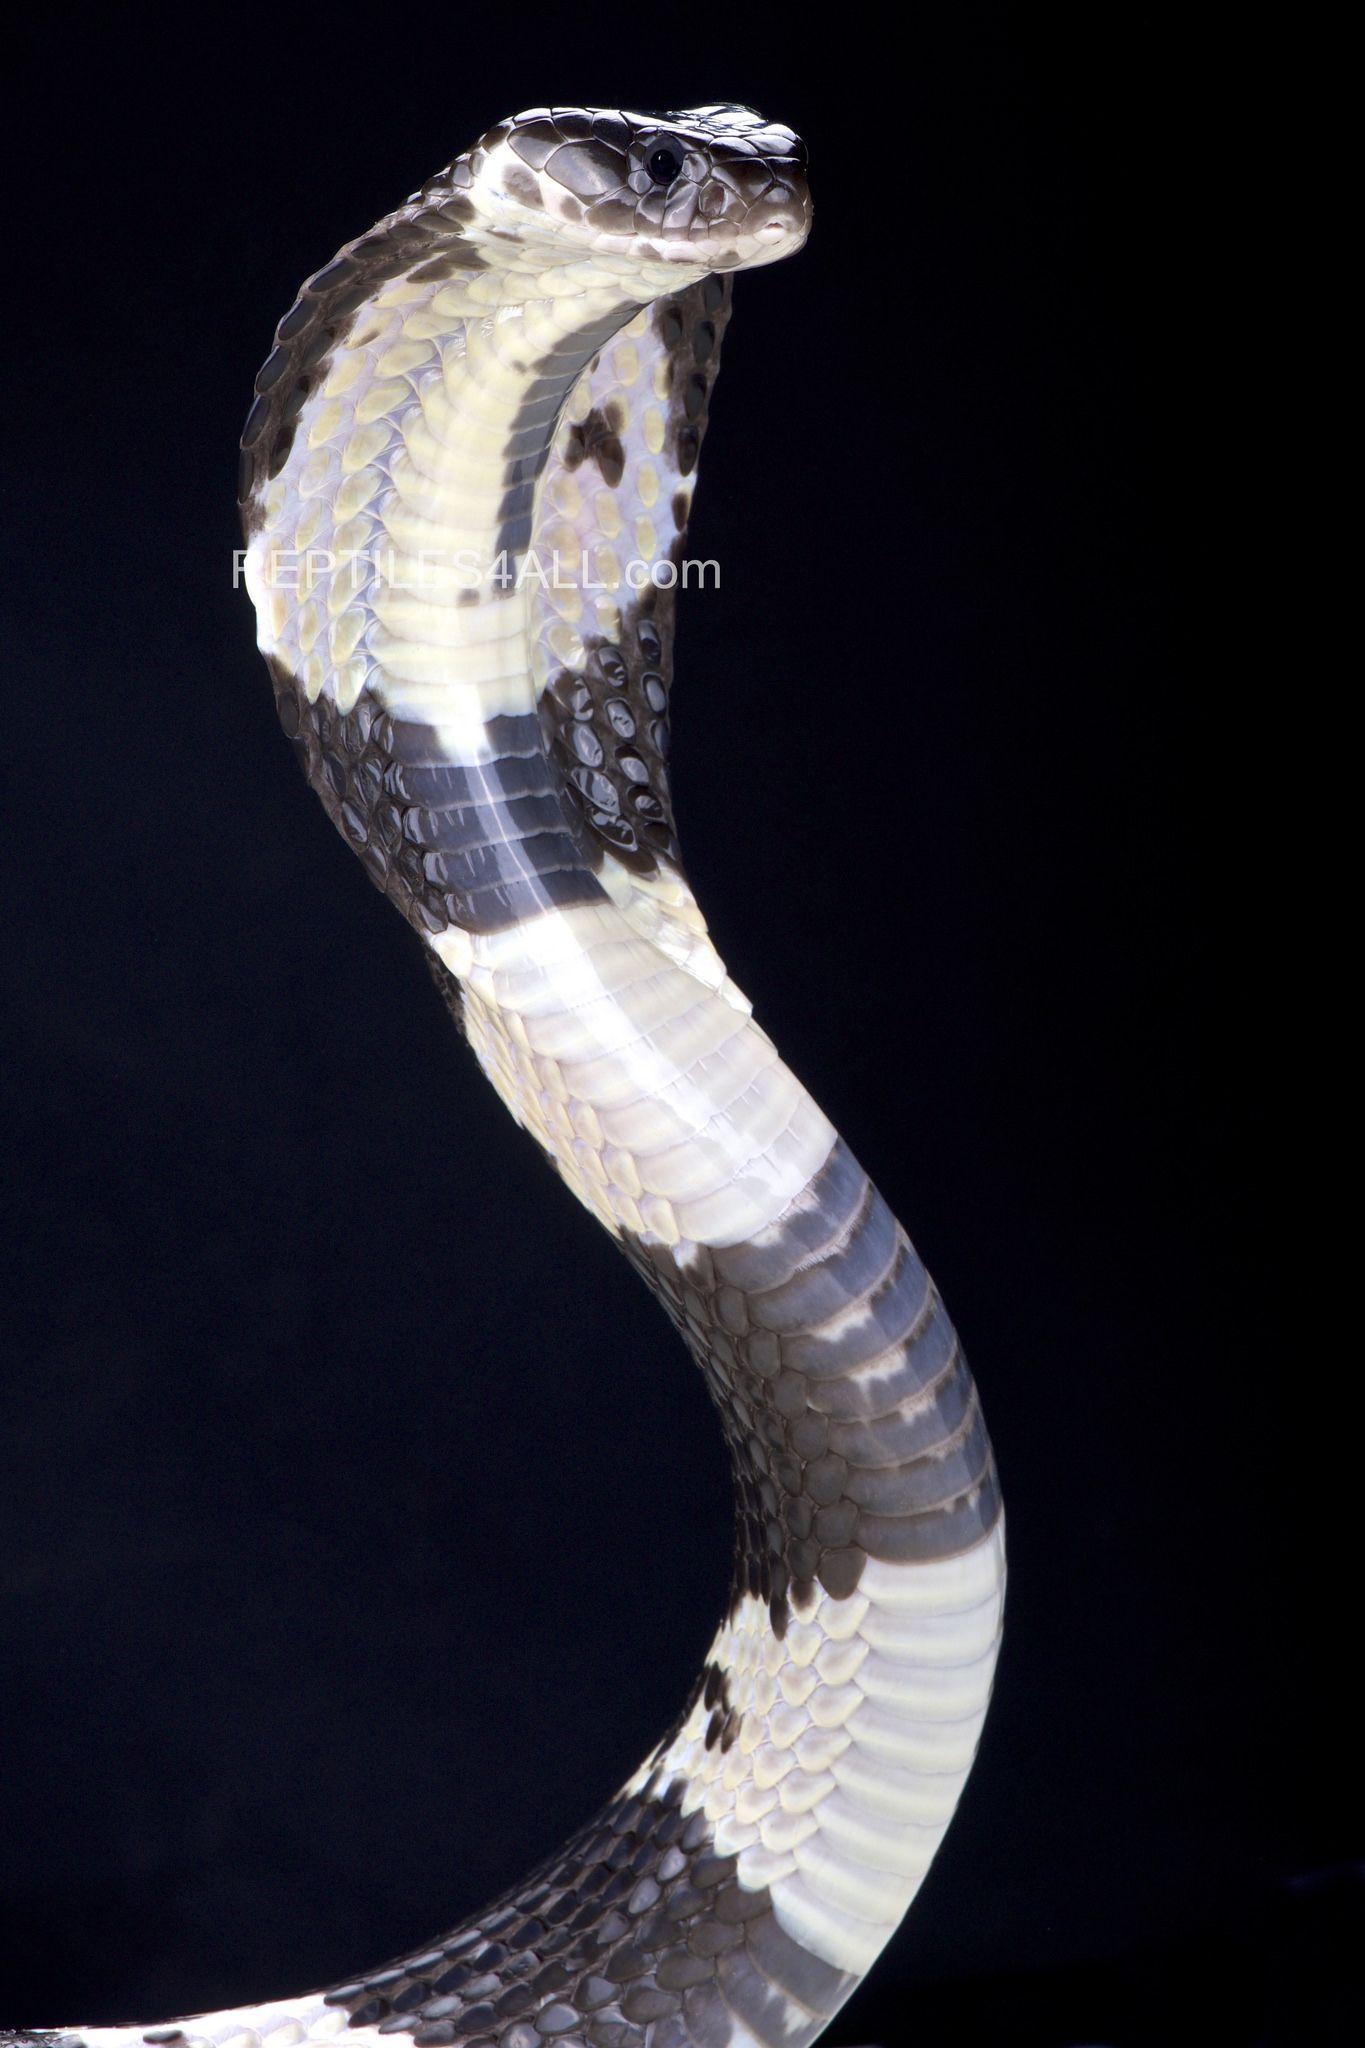 Black And White Spitting Cobra Pet Snake Cobra Snake Deadly Animals